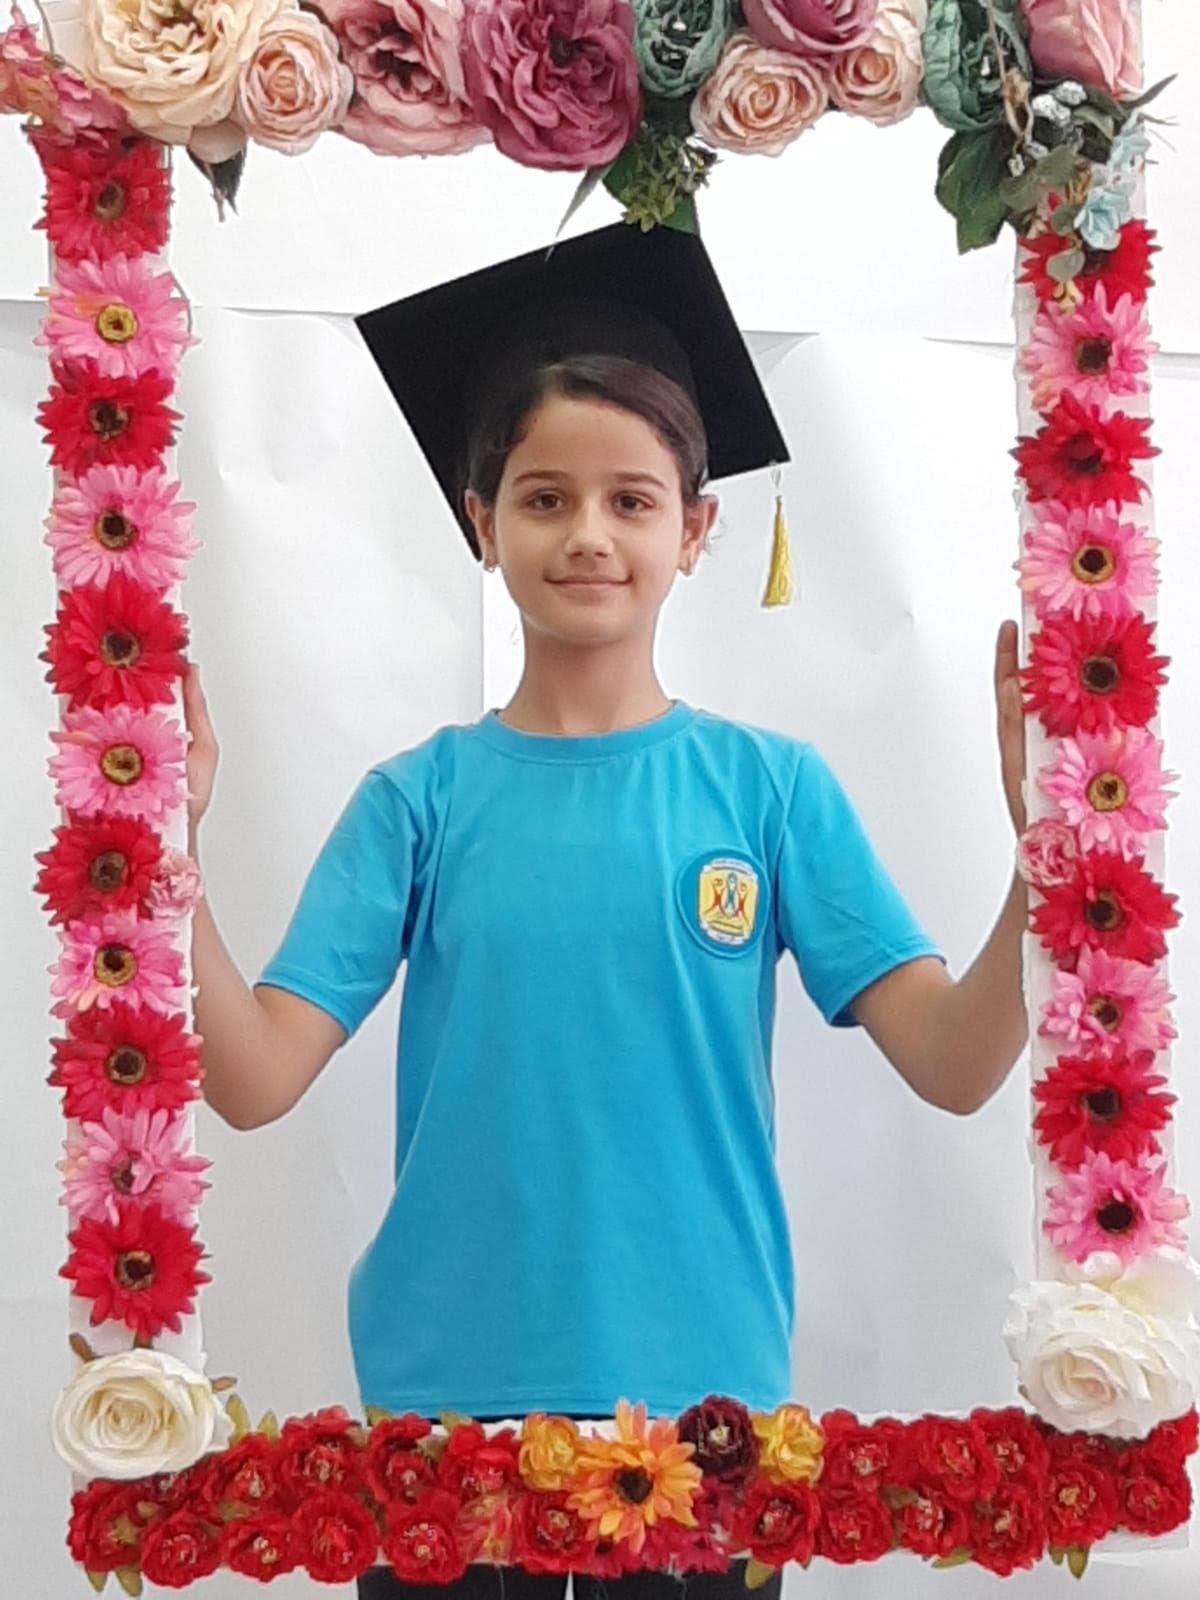 ذكرياتي الباقيّة في مدرستي الرّاقيّة by najahabed - Illustrated by طلاب السادس أ - Ourboox.com